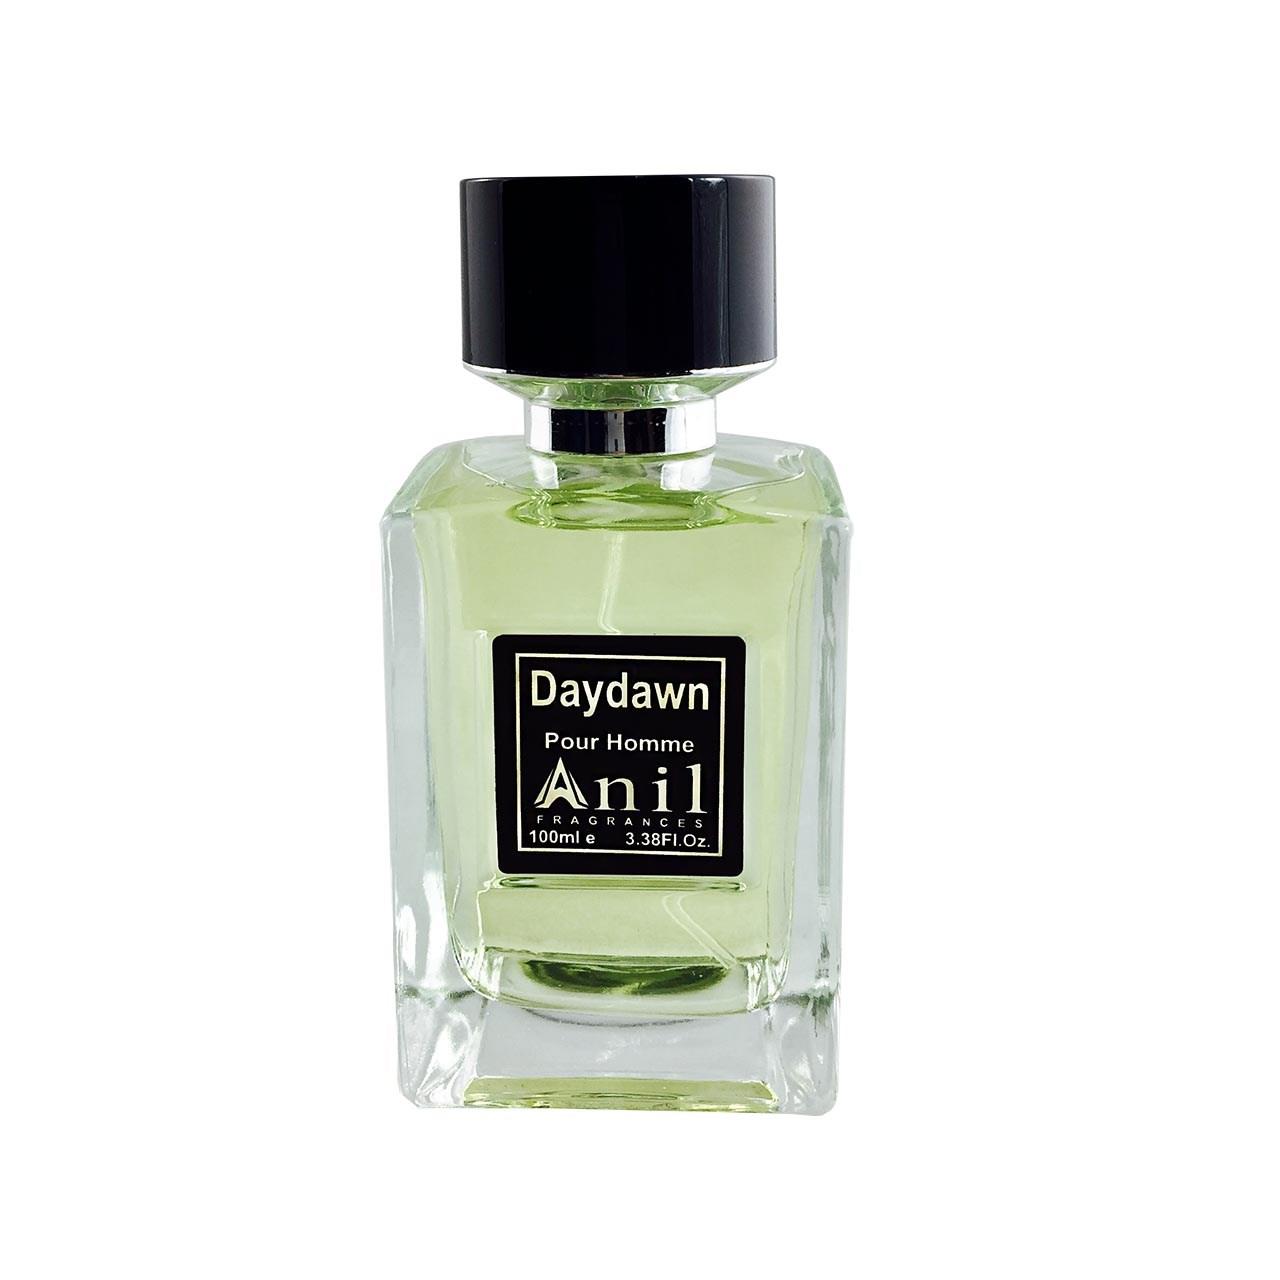 ادو پرفیوم مردانه آنیل مدل Daydawn حجم 100 میلی لیتر